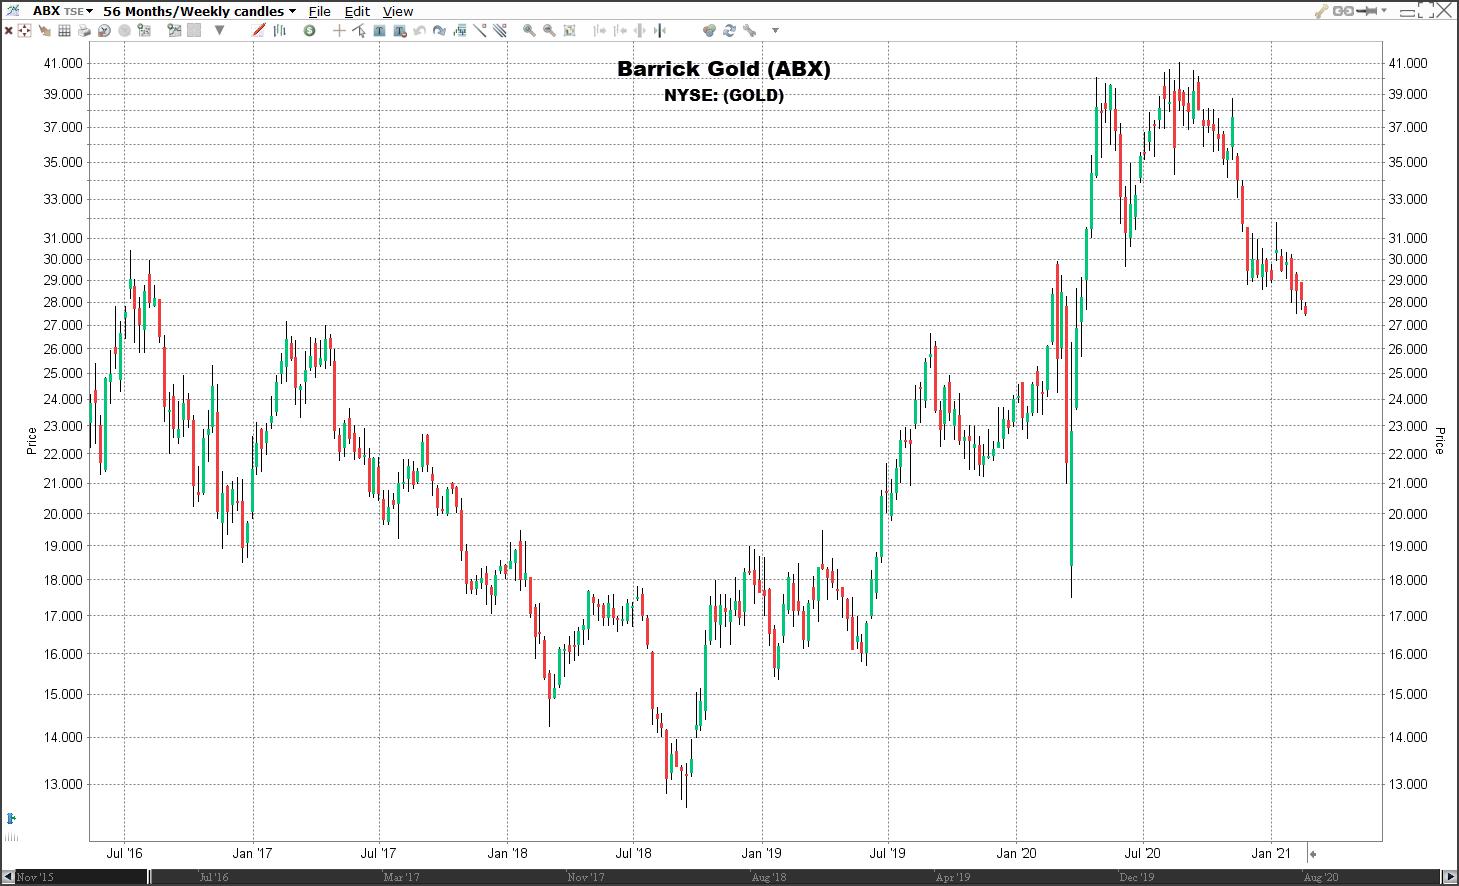 goudmijn aandeel barrick gold koers